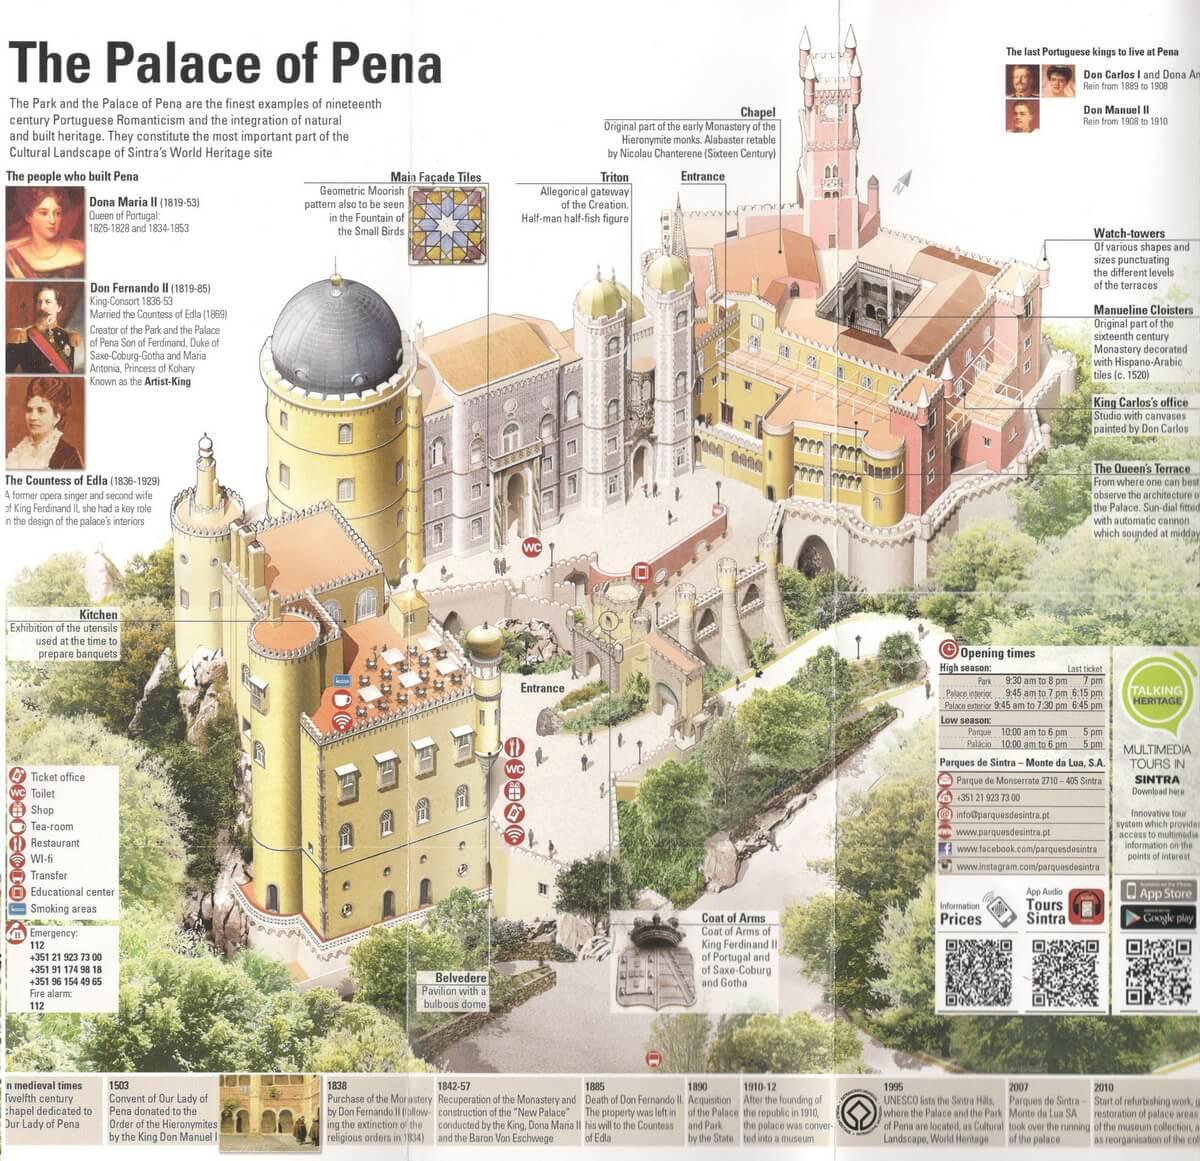 дворец пена схема